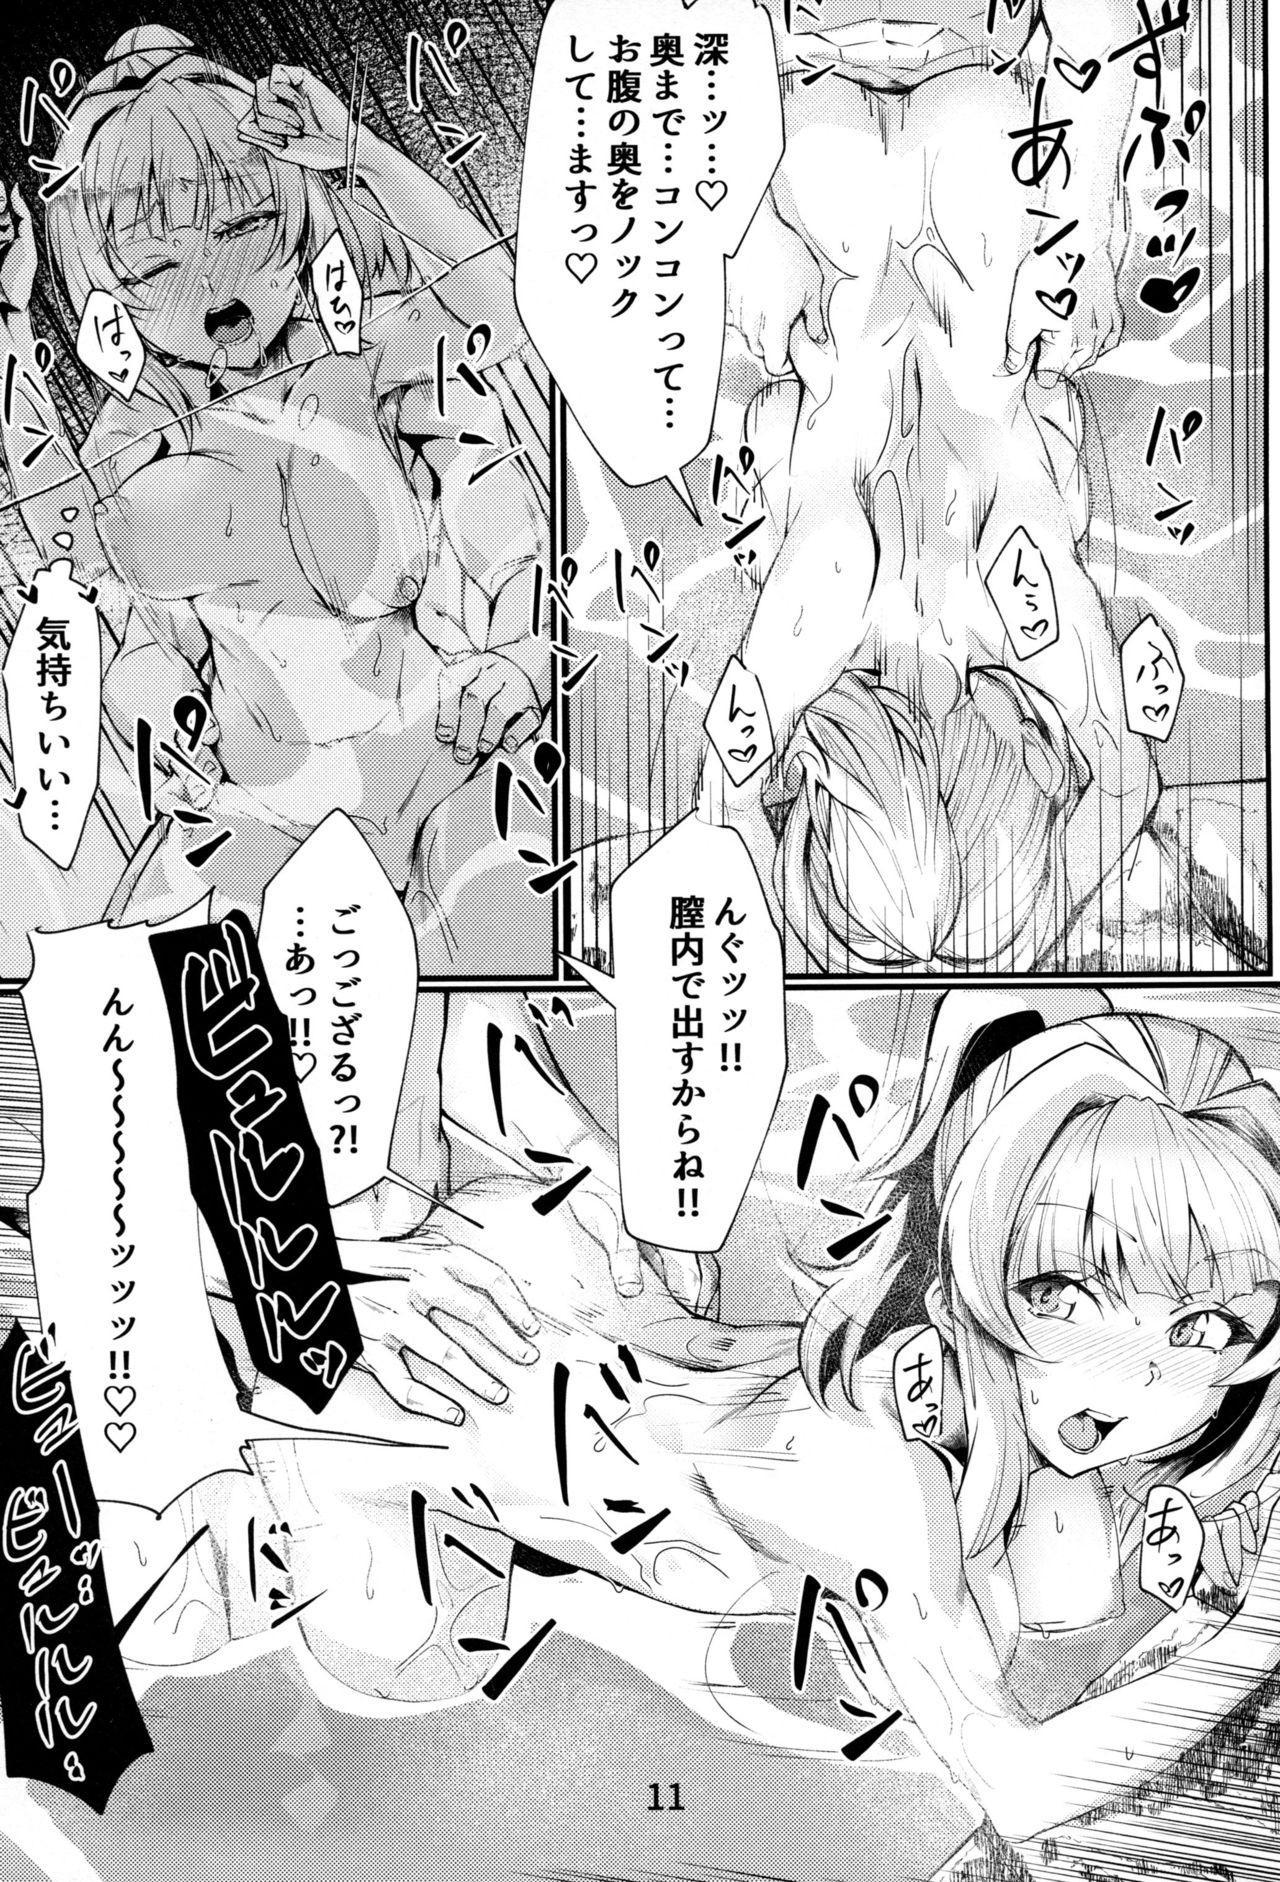 Mirin-chan no Yukemuri Onsen Yawa 9